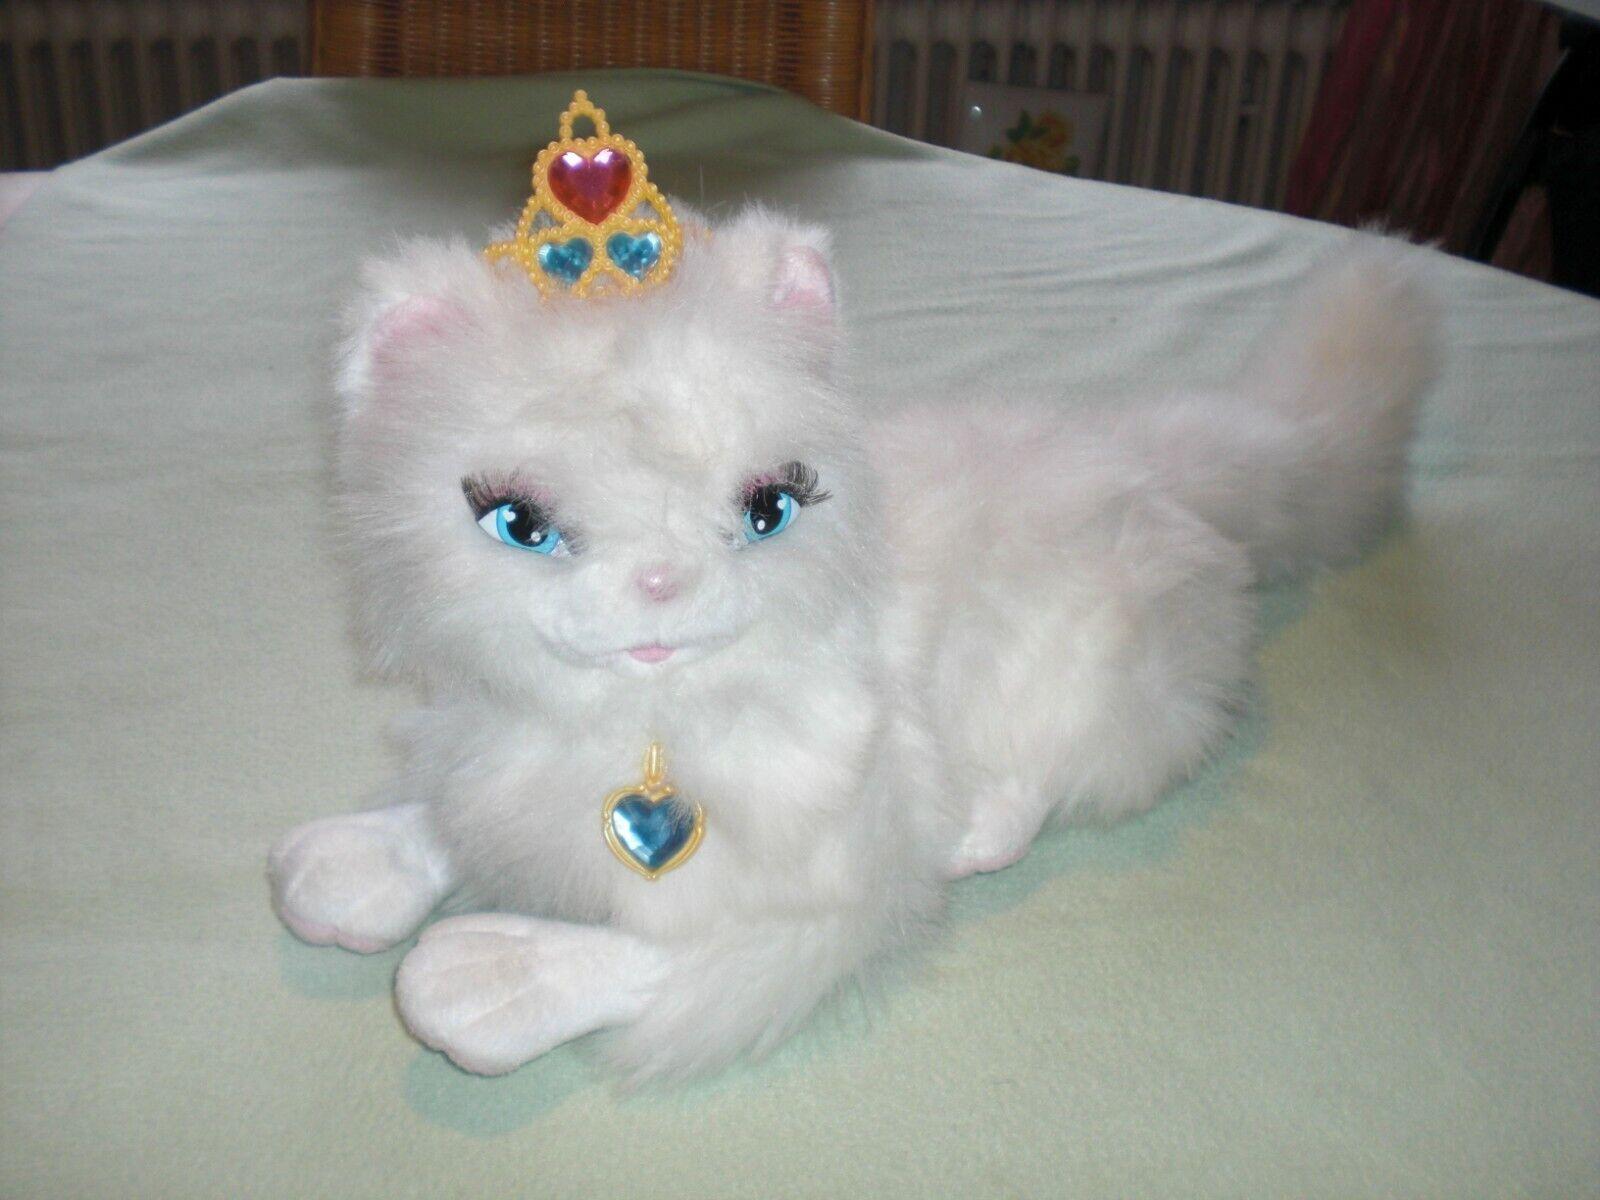 Barbie Serafina Katze - spricht & bewegt sich - Mattel 2004 - Top Zustand